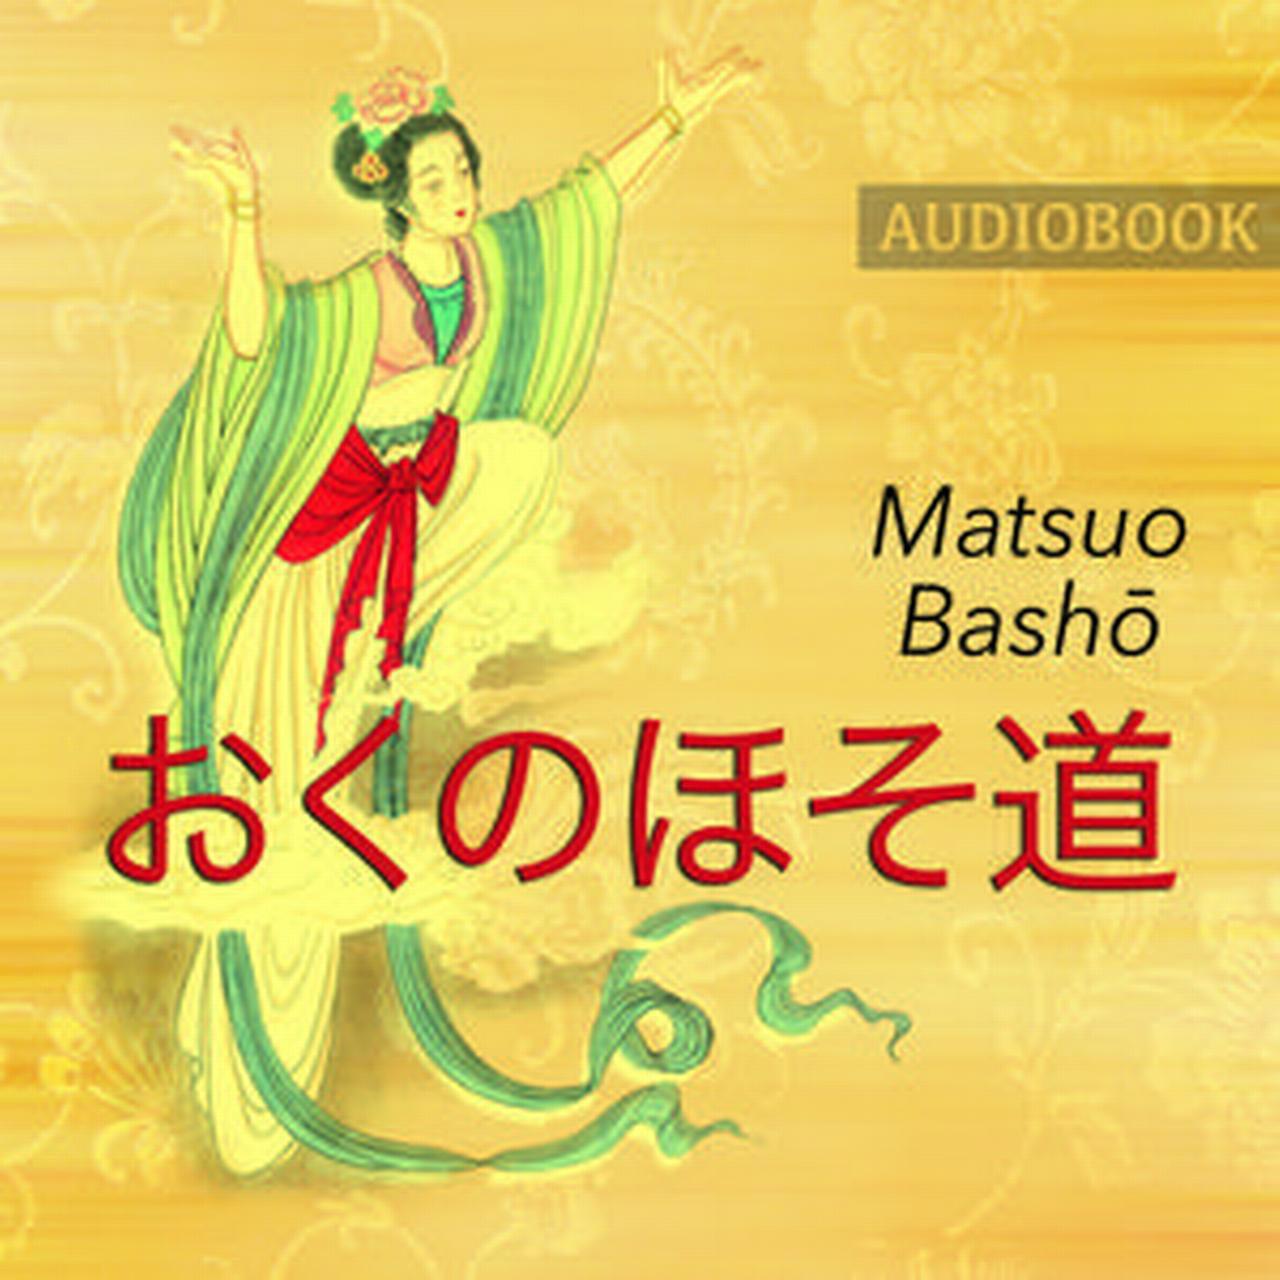 おくのほそ道 - Audiobook